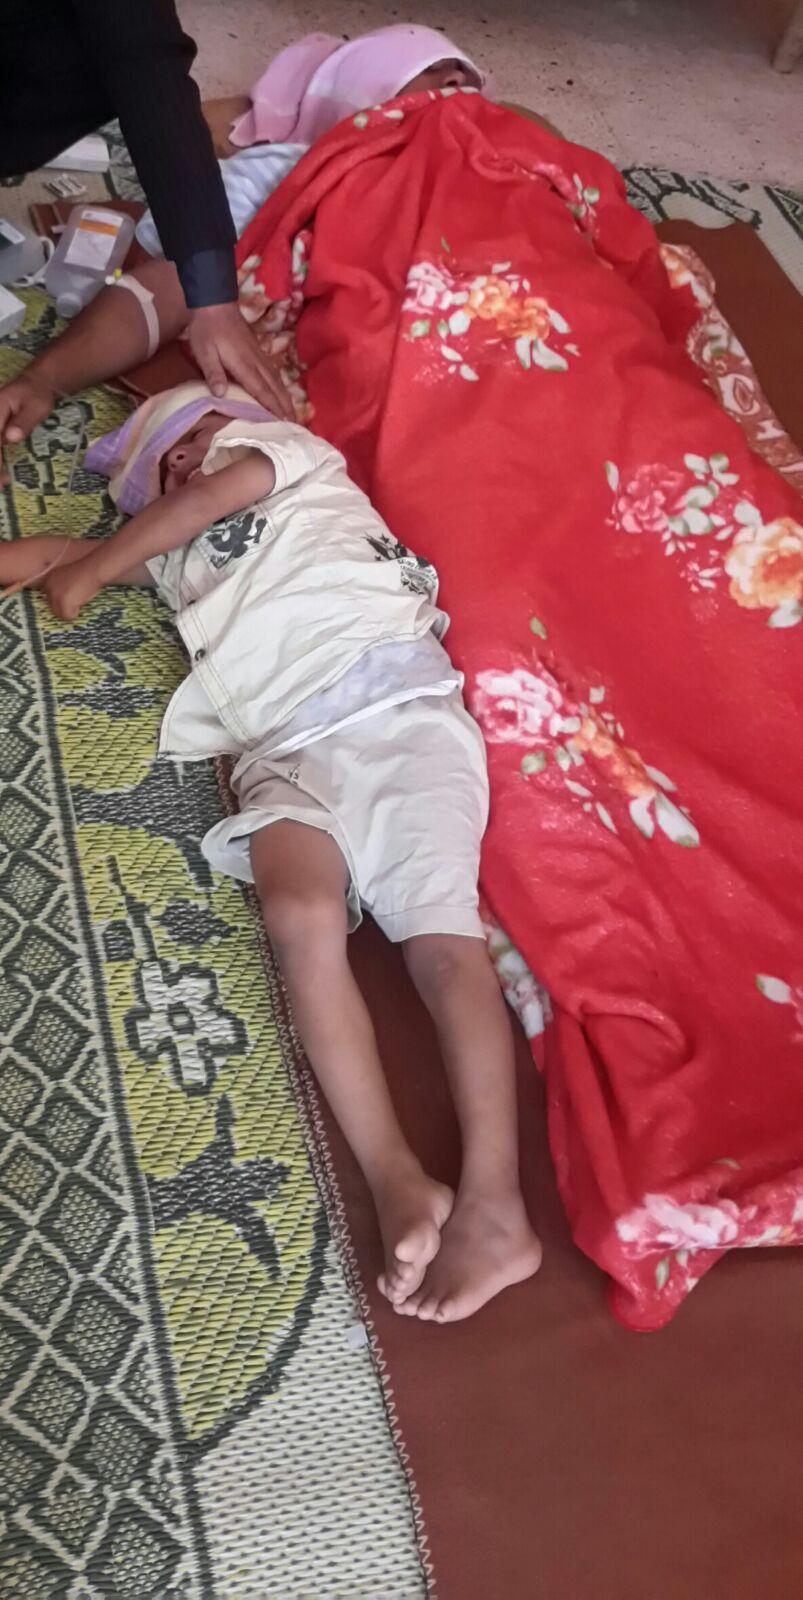 مواطن يُكذب «الصحة»: 10 وفيات بقريتي في أسيوط.. ومرضى أصيبوا بالتيفويد